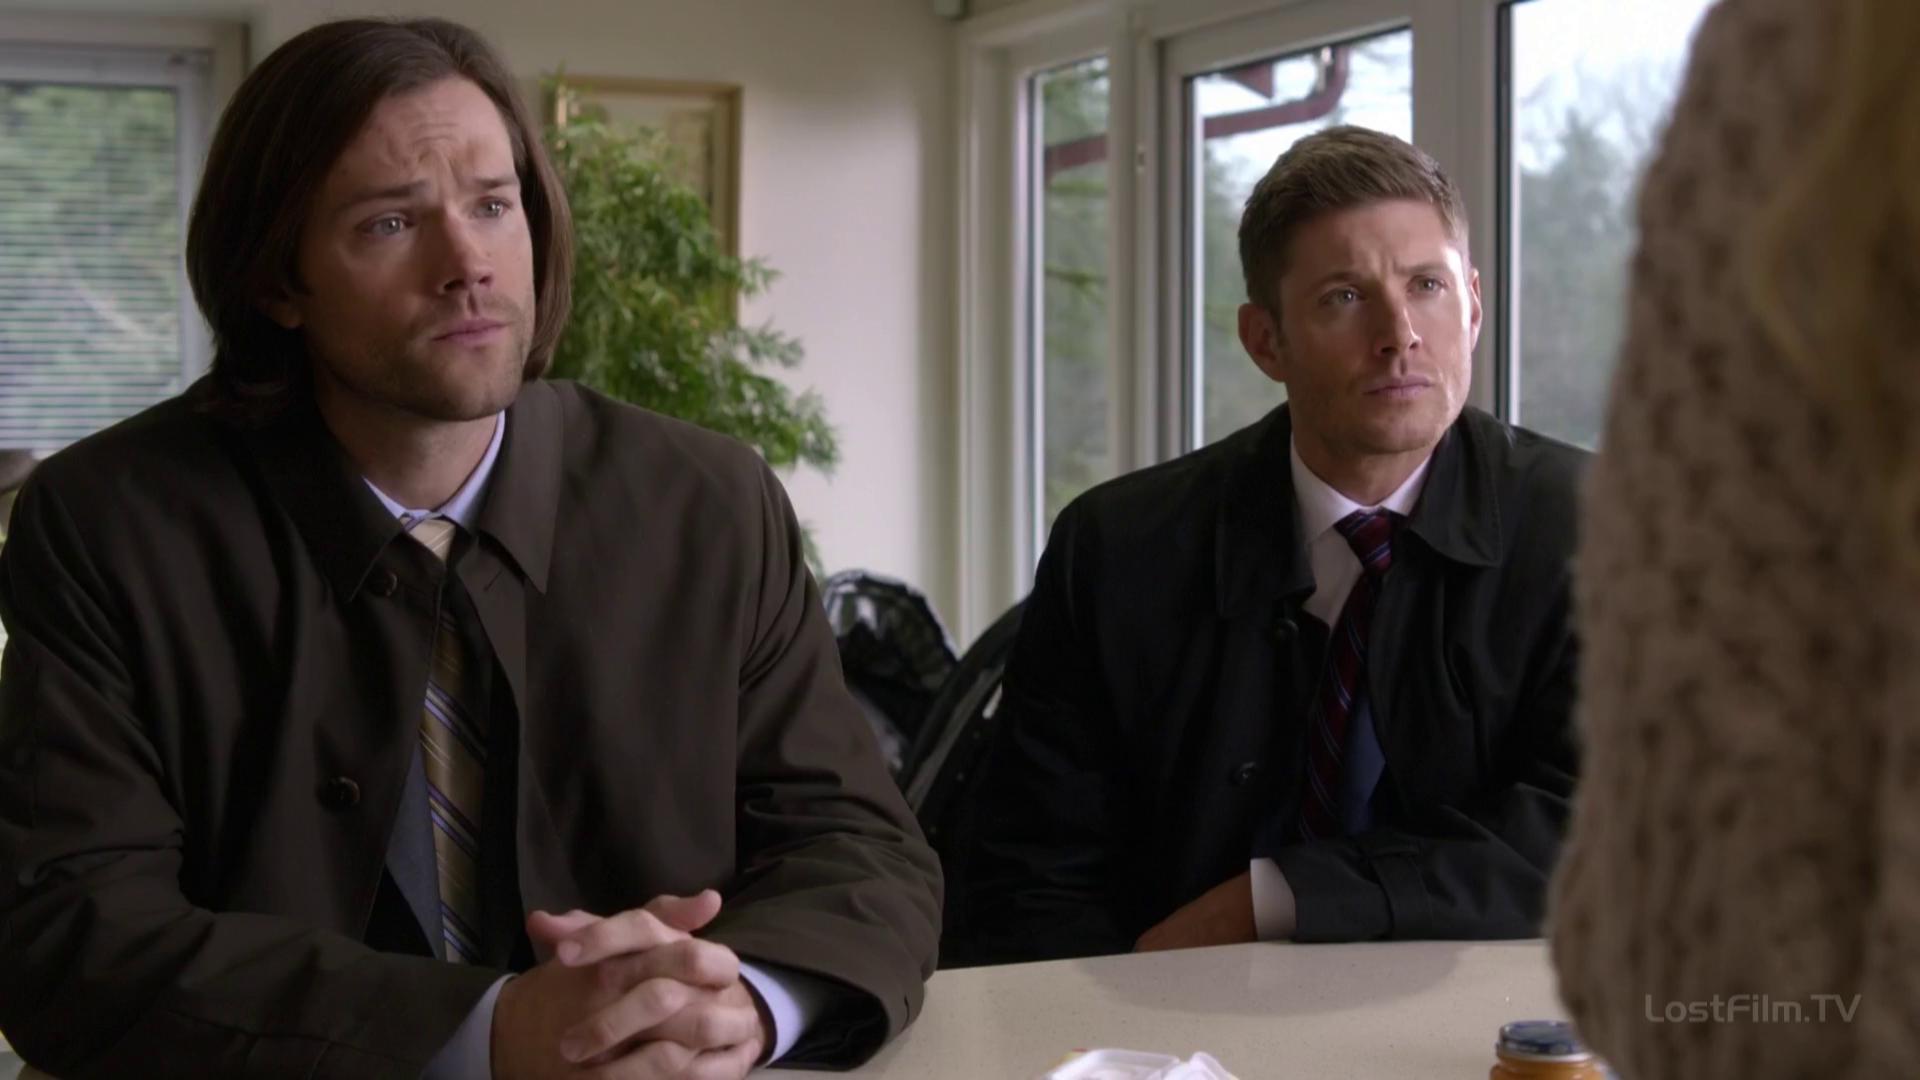 Кадры из фильма смотреть онлайн сверхъестественное 15 серия 10 сезон